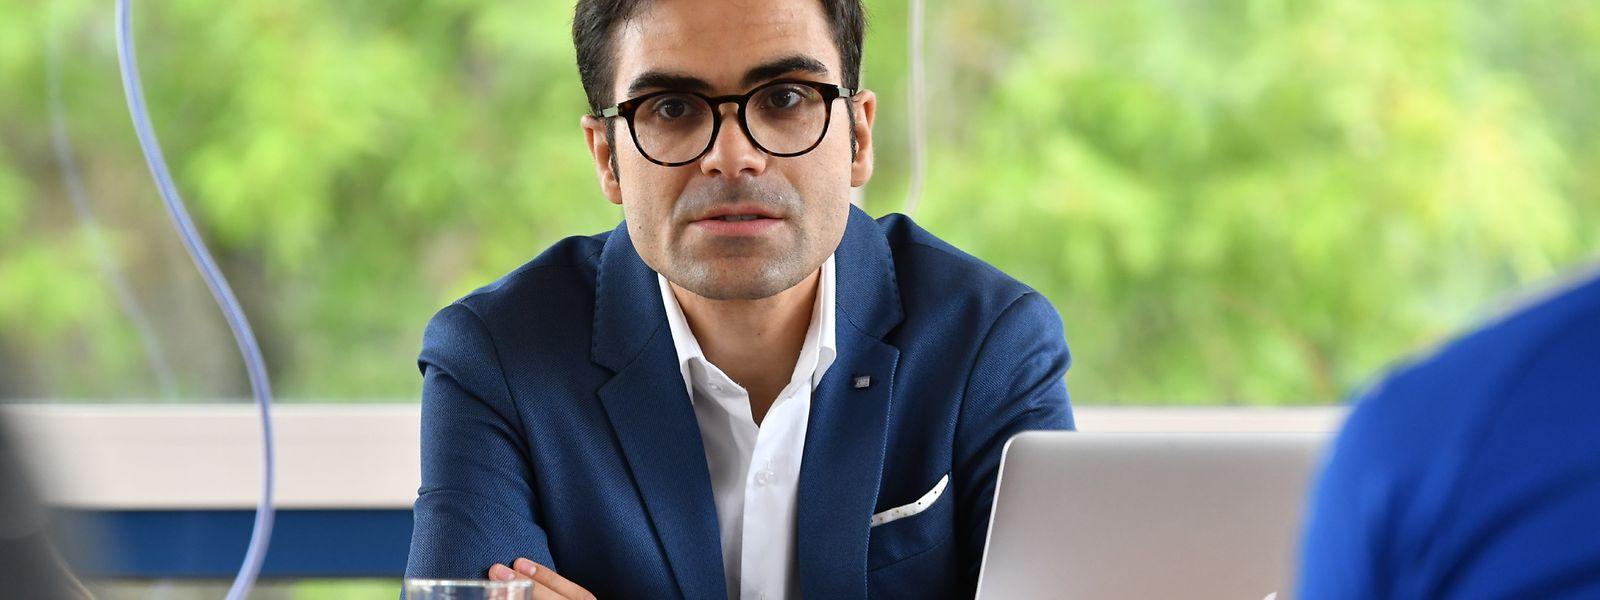 Tiago Fernandes deixou as funções de diretor desportivo da equipa da capital.